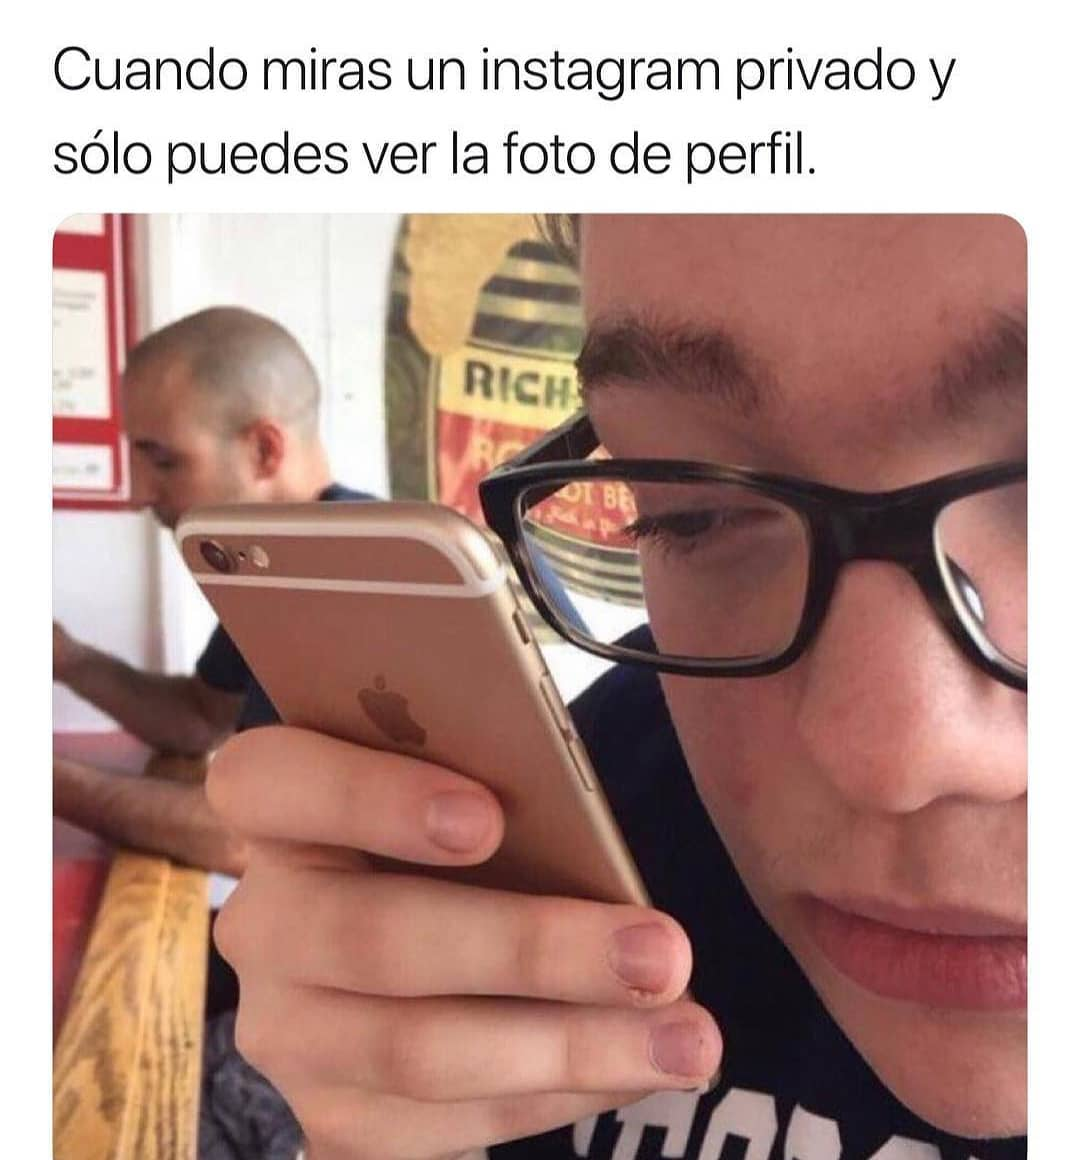 Cuando miras un instagram privado y sólo puedes ver la foto de perfil.